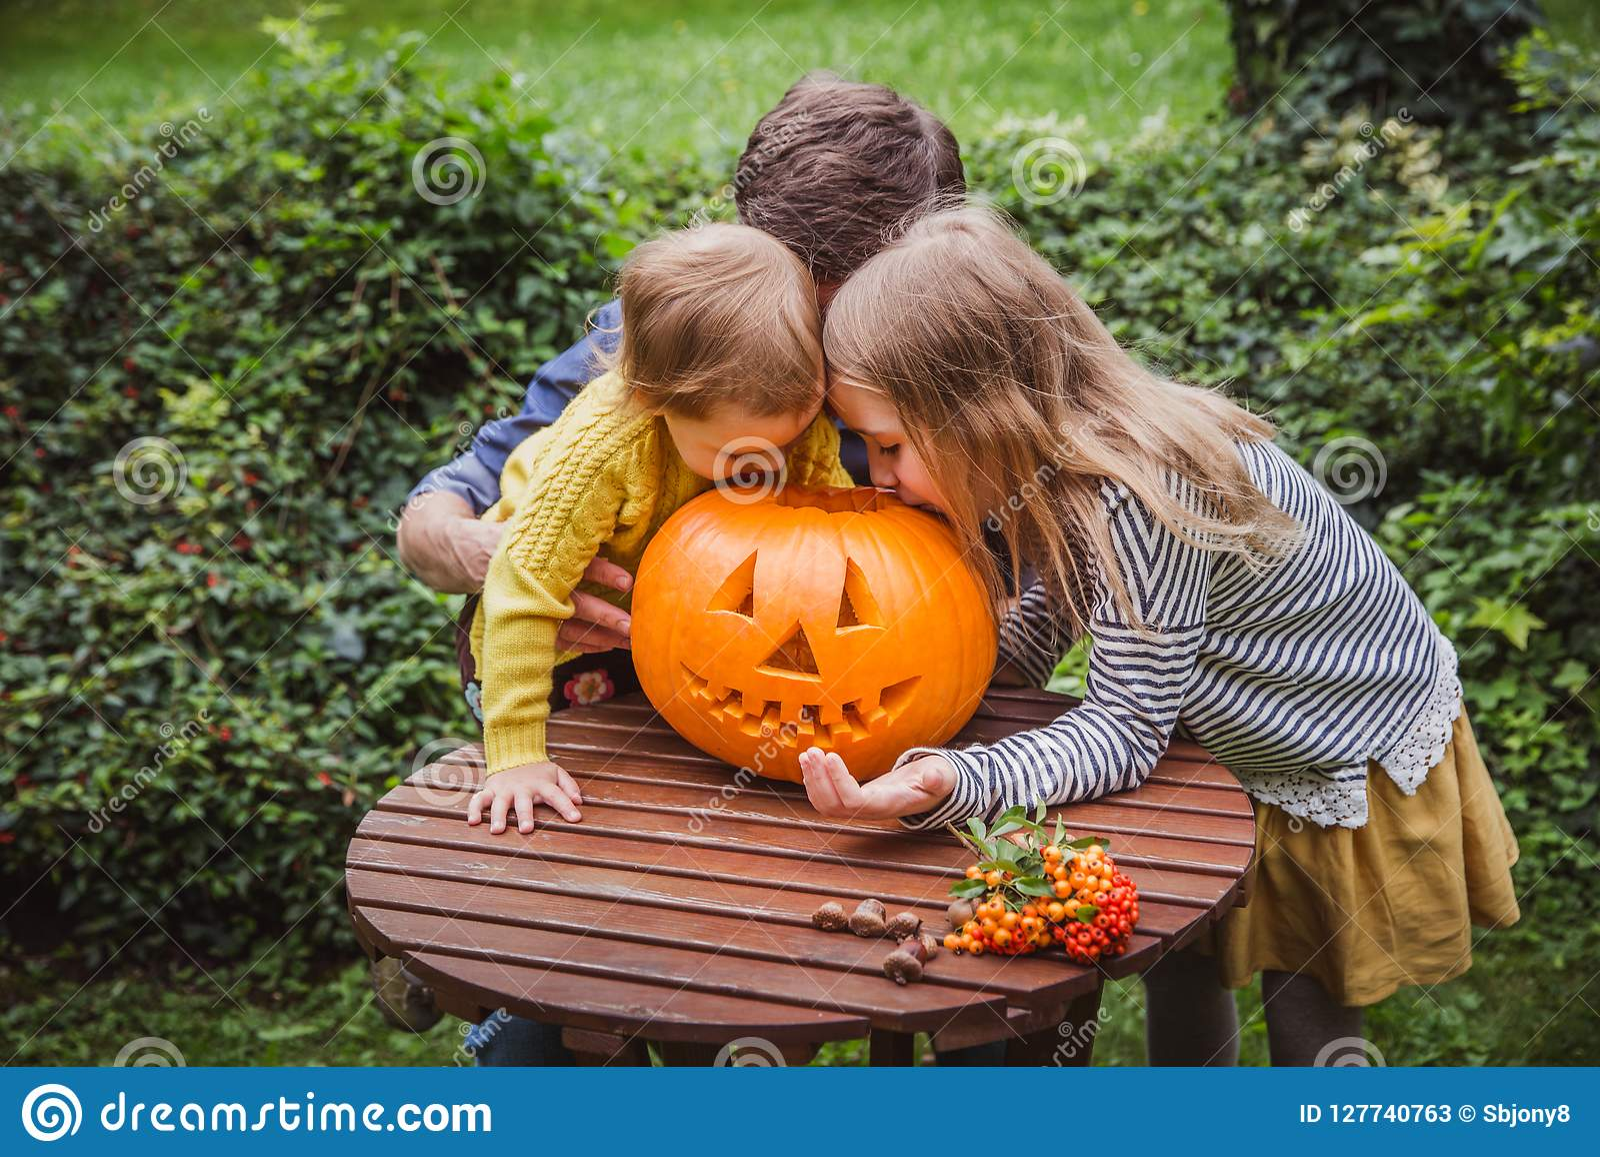 αποκριές ευτυχείς Πατέρας και δύο κόρες κοιτάζουν μέσα στη χαρασμένη κολοκύθα για αποκριές έξω